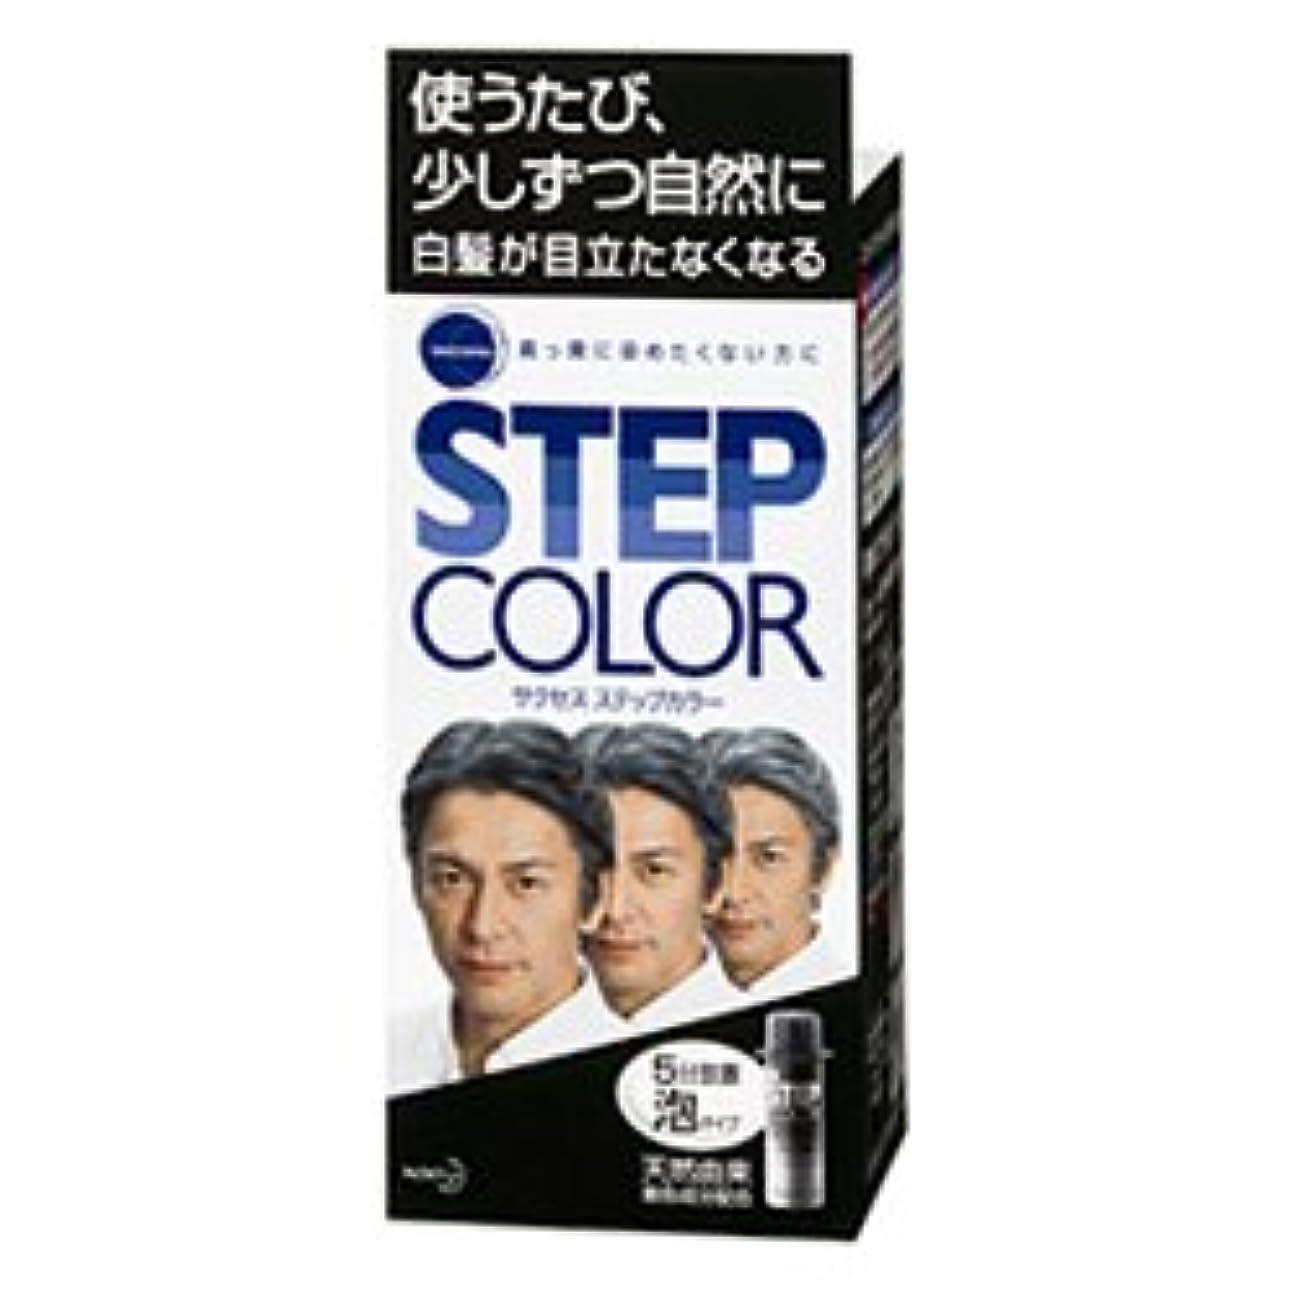 証人皿啓示【花王】サクセスステップカラー 110g ×20個セット